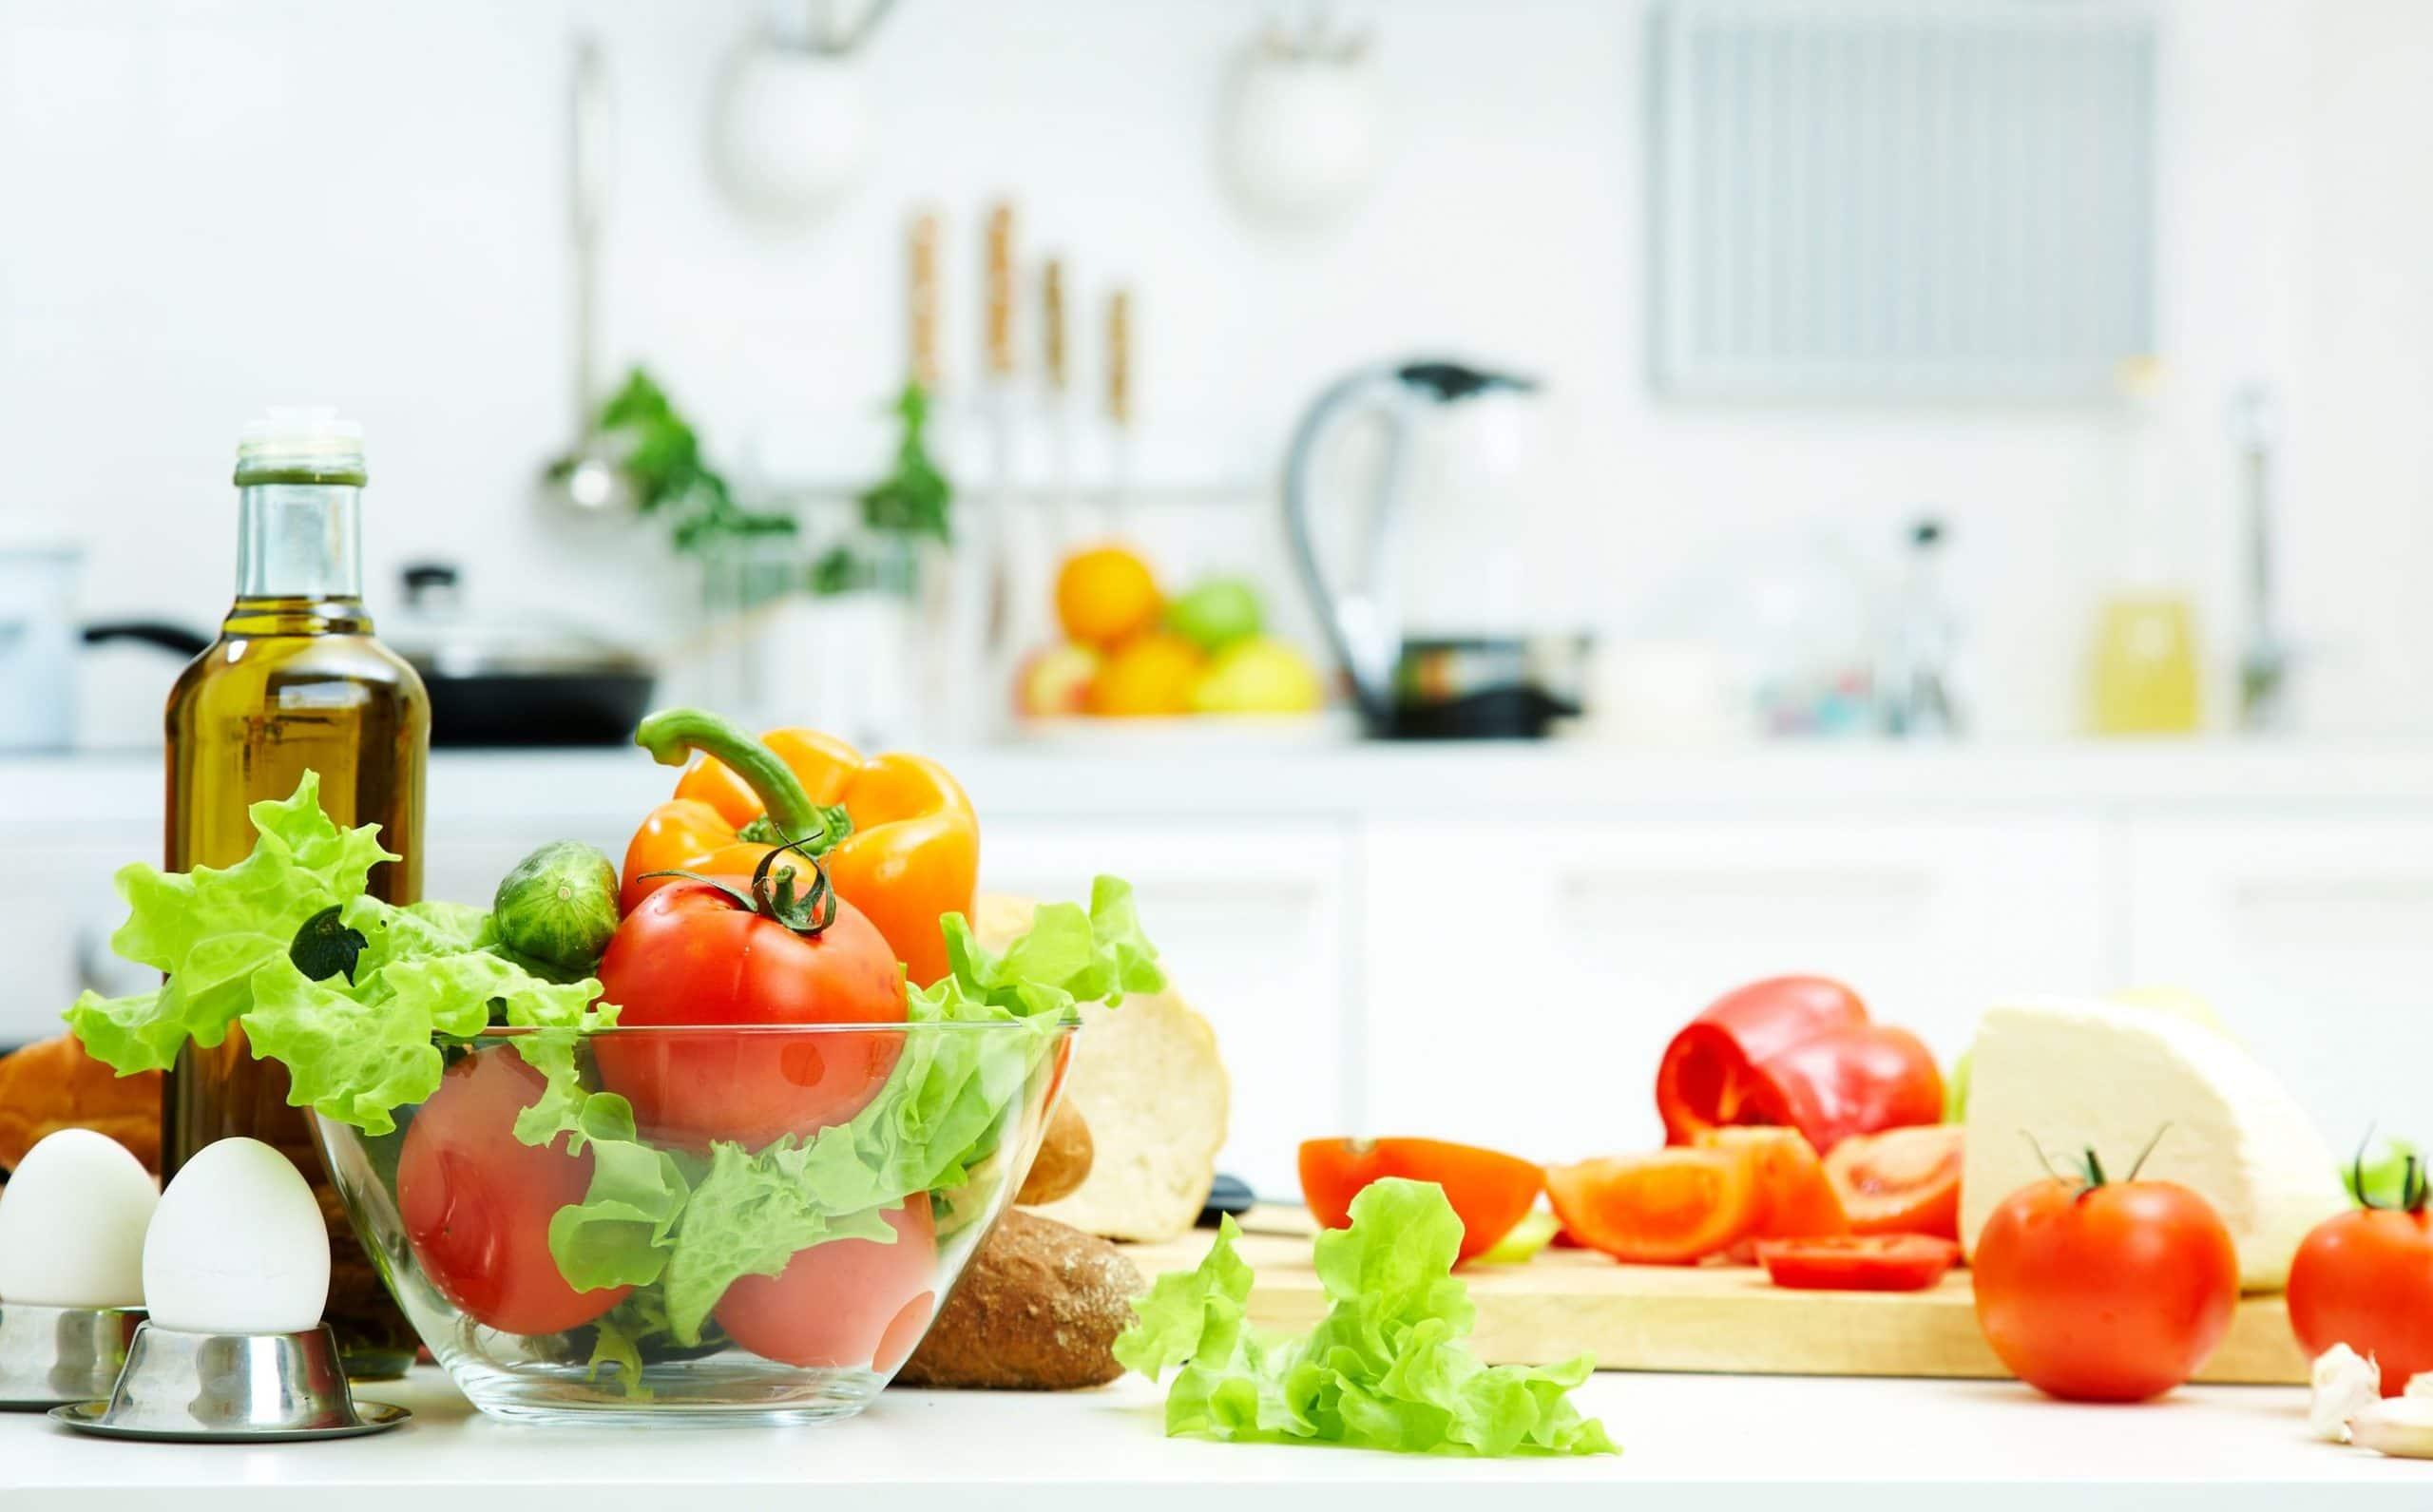 Alimentos saudáveis colocado em cima de uma mesa de cozinha.